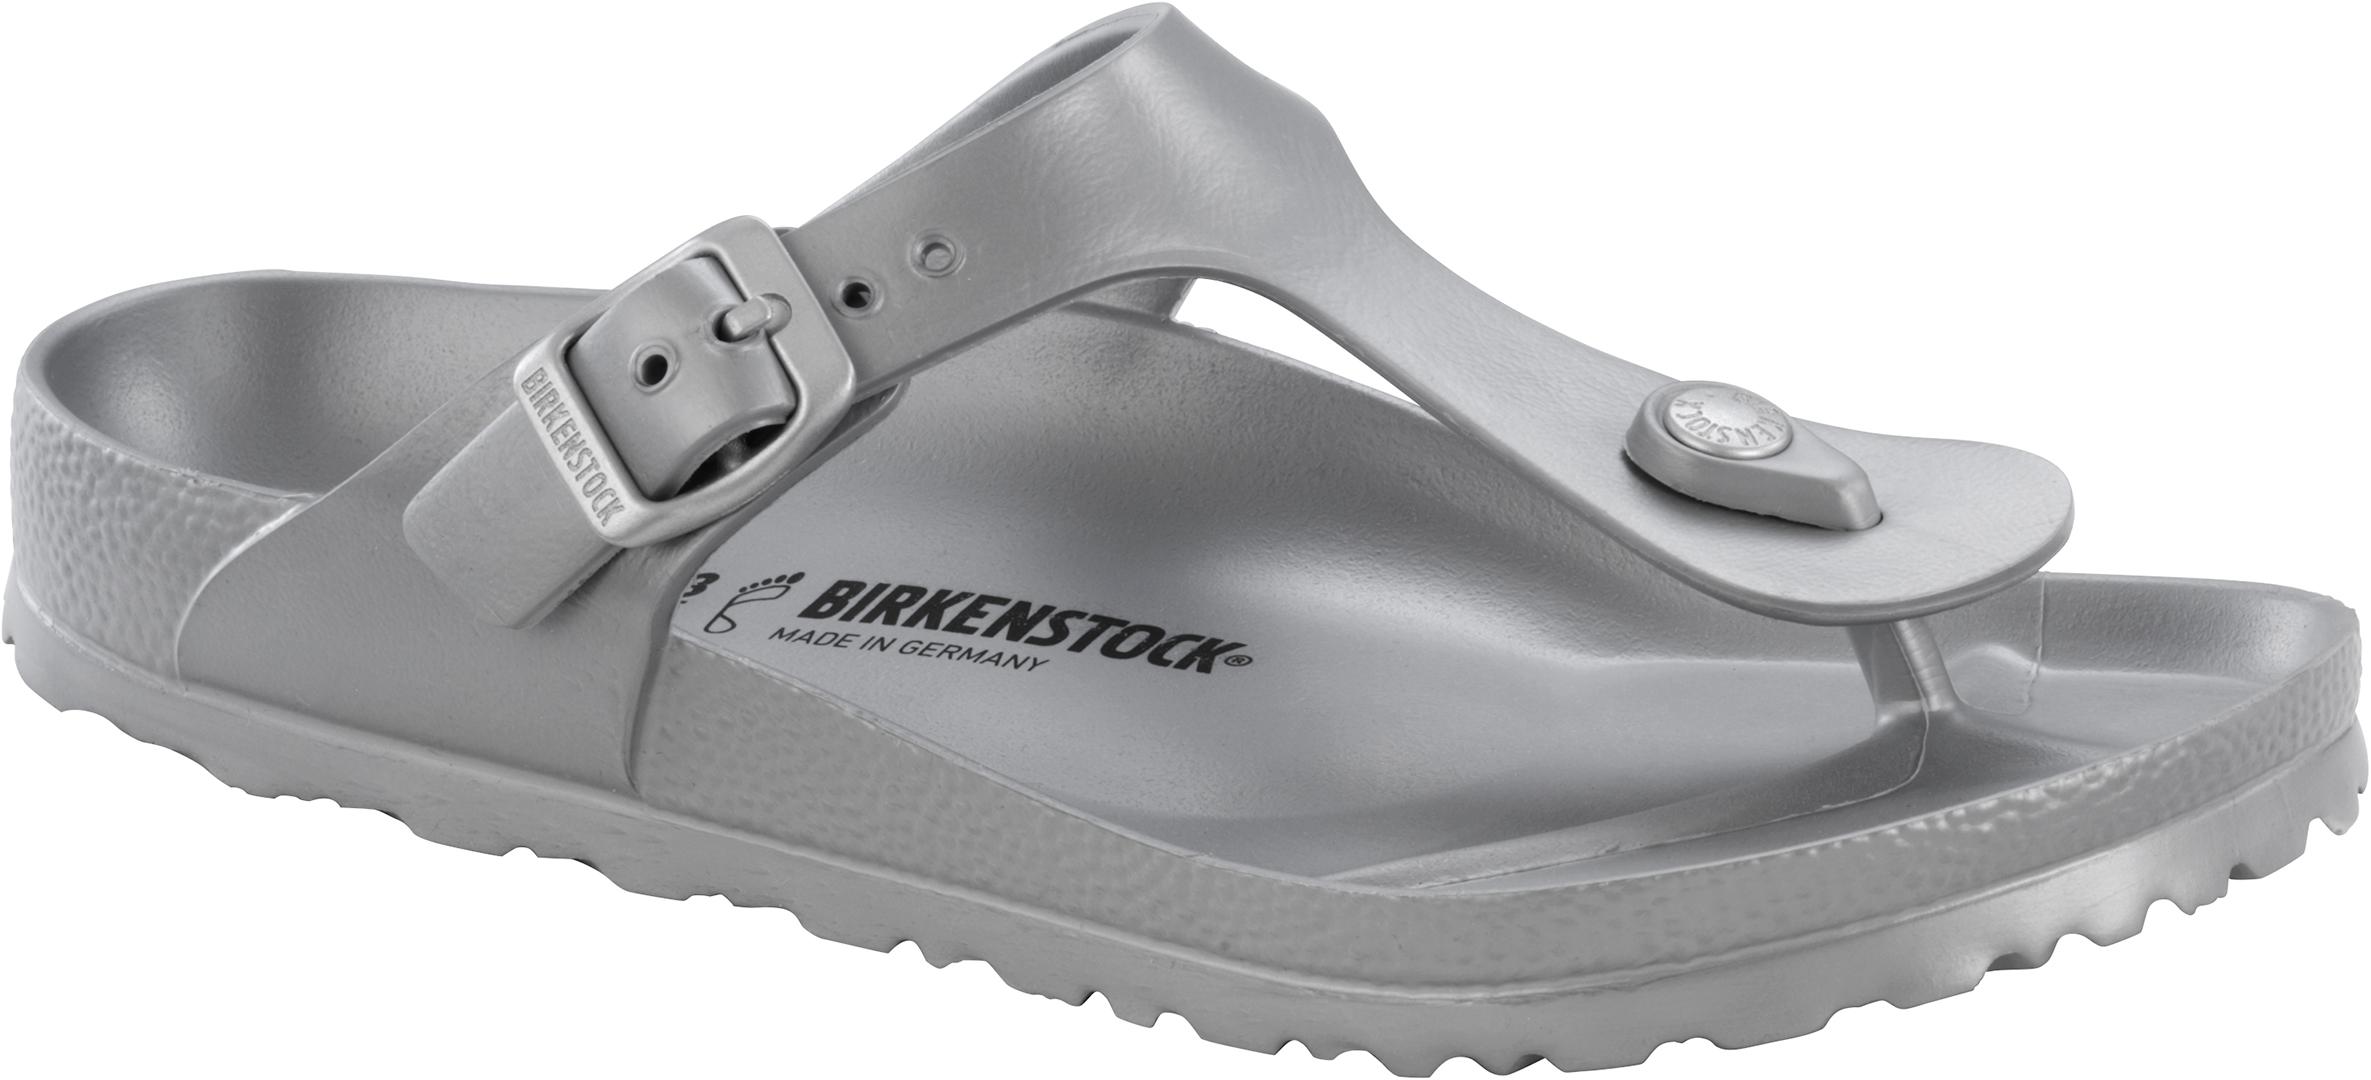 700a74c55445 GIZEH EVA Sandal 2019 metallic silver 38